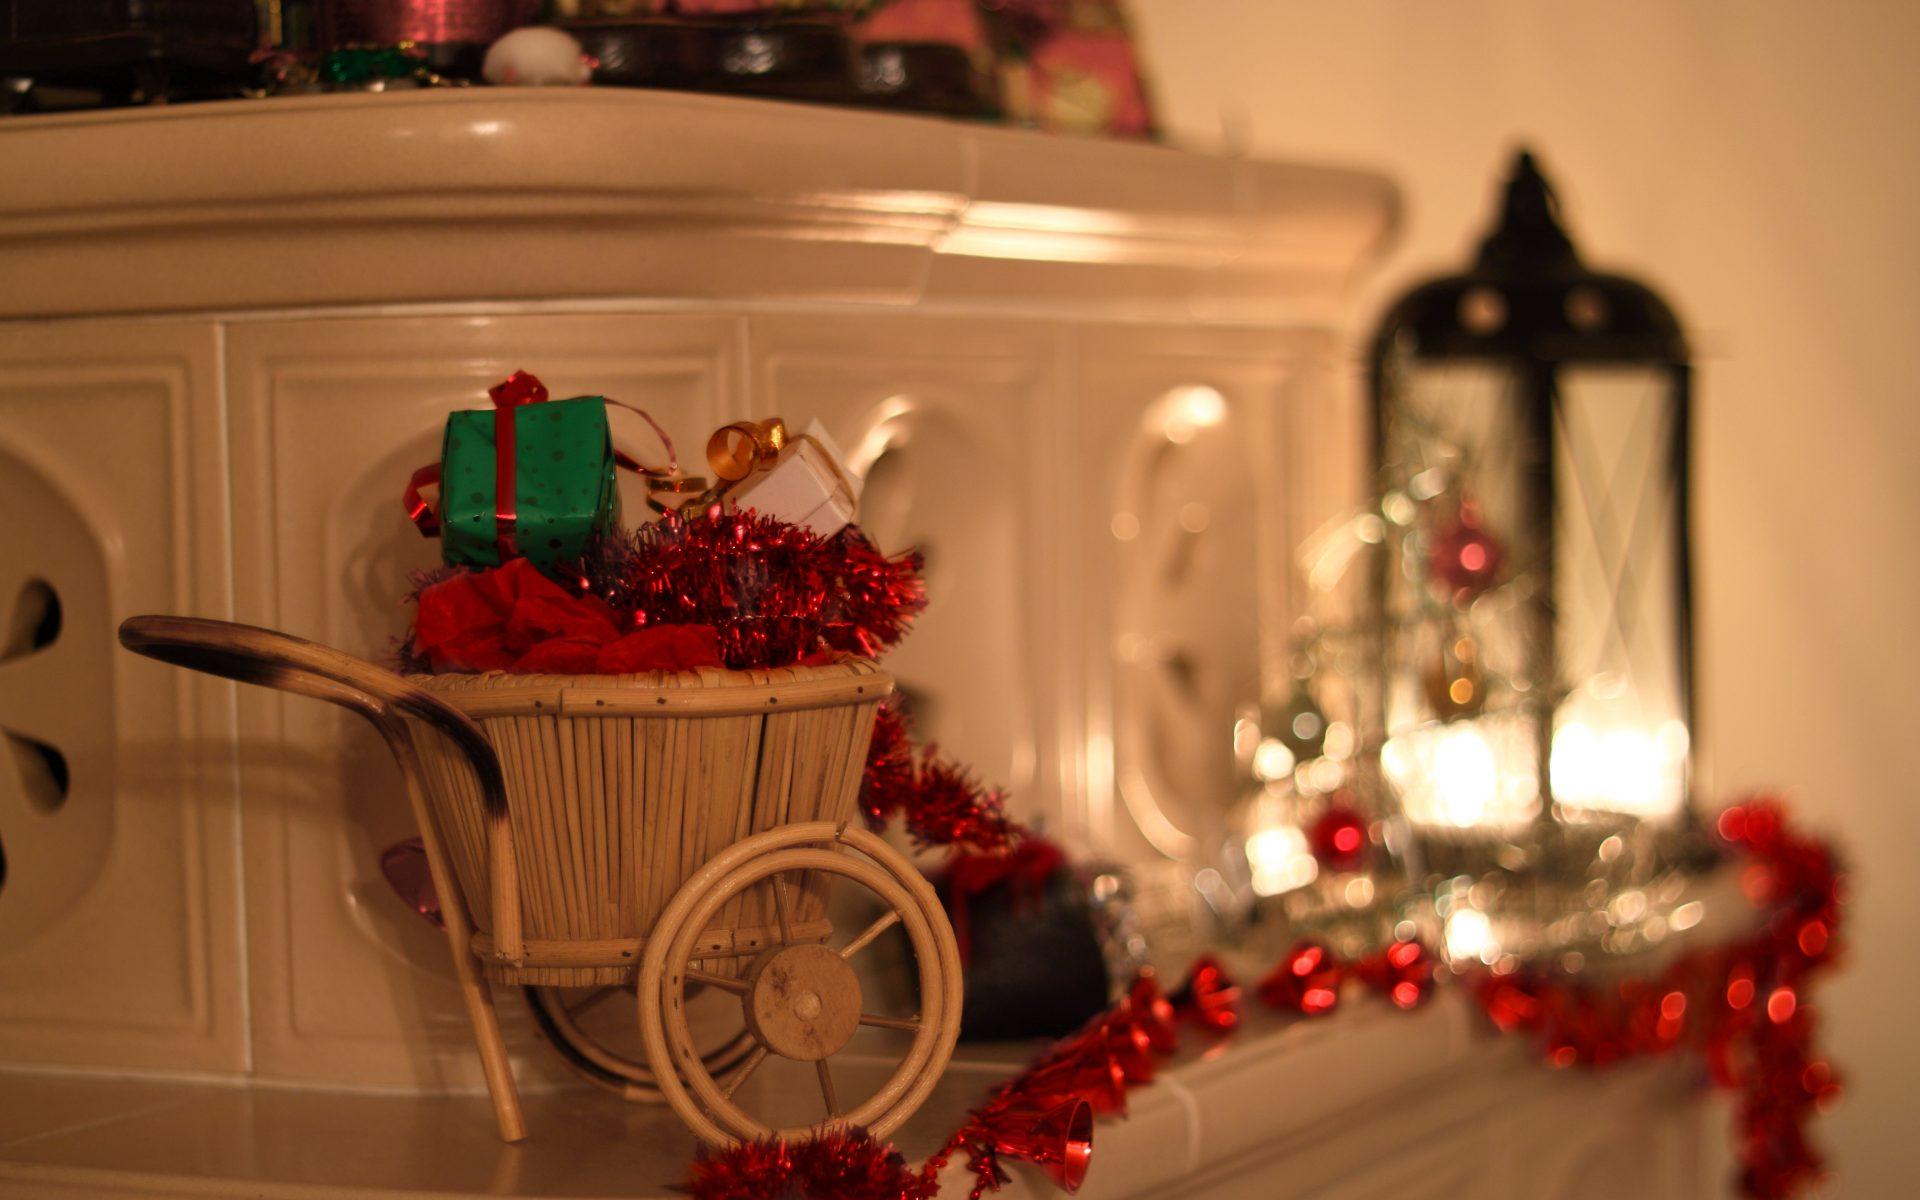 Regali di Natale: le idee regalo più originali le trovi nella Boutique